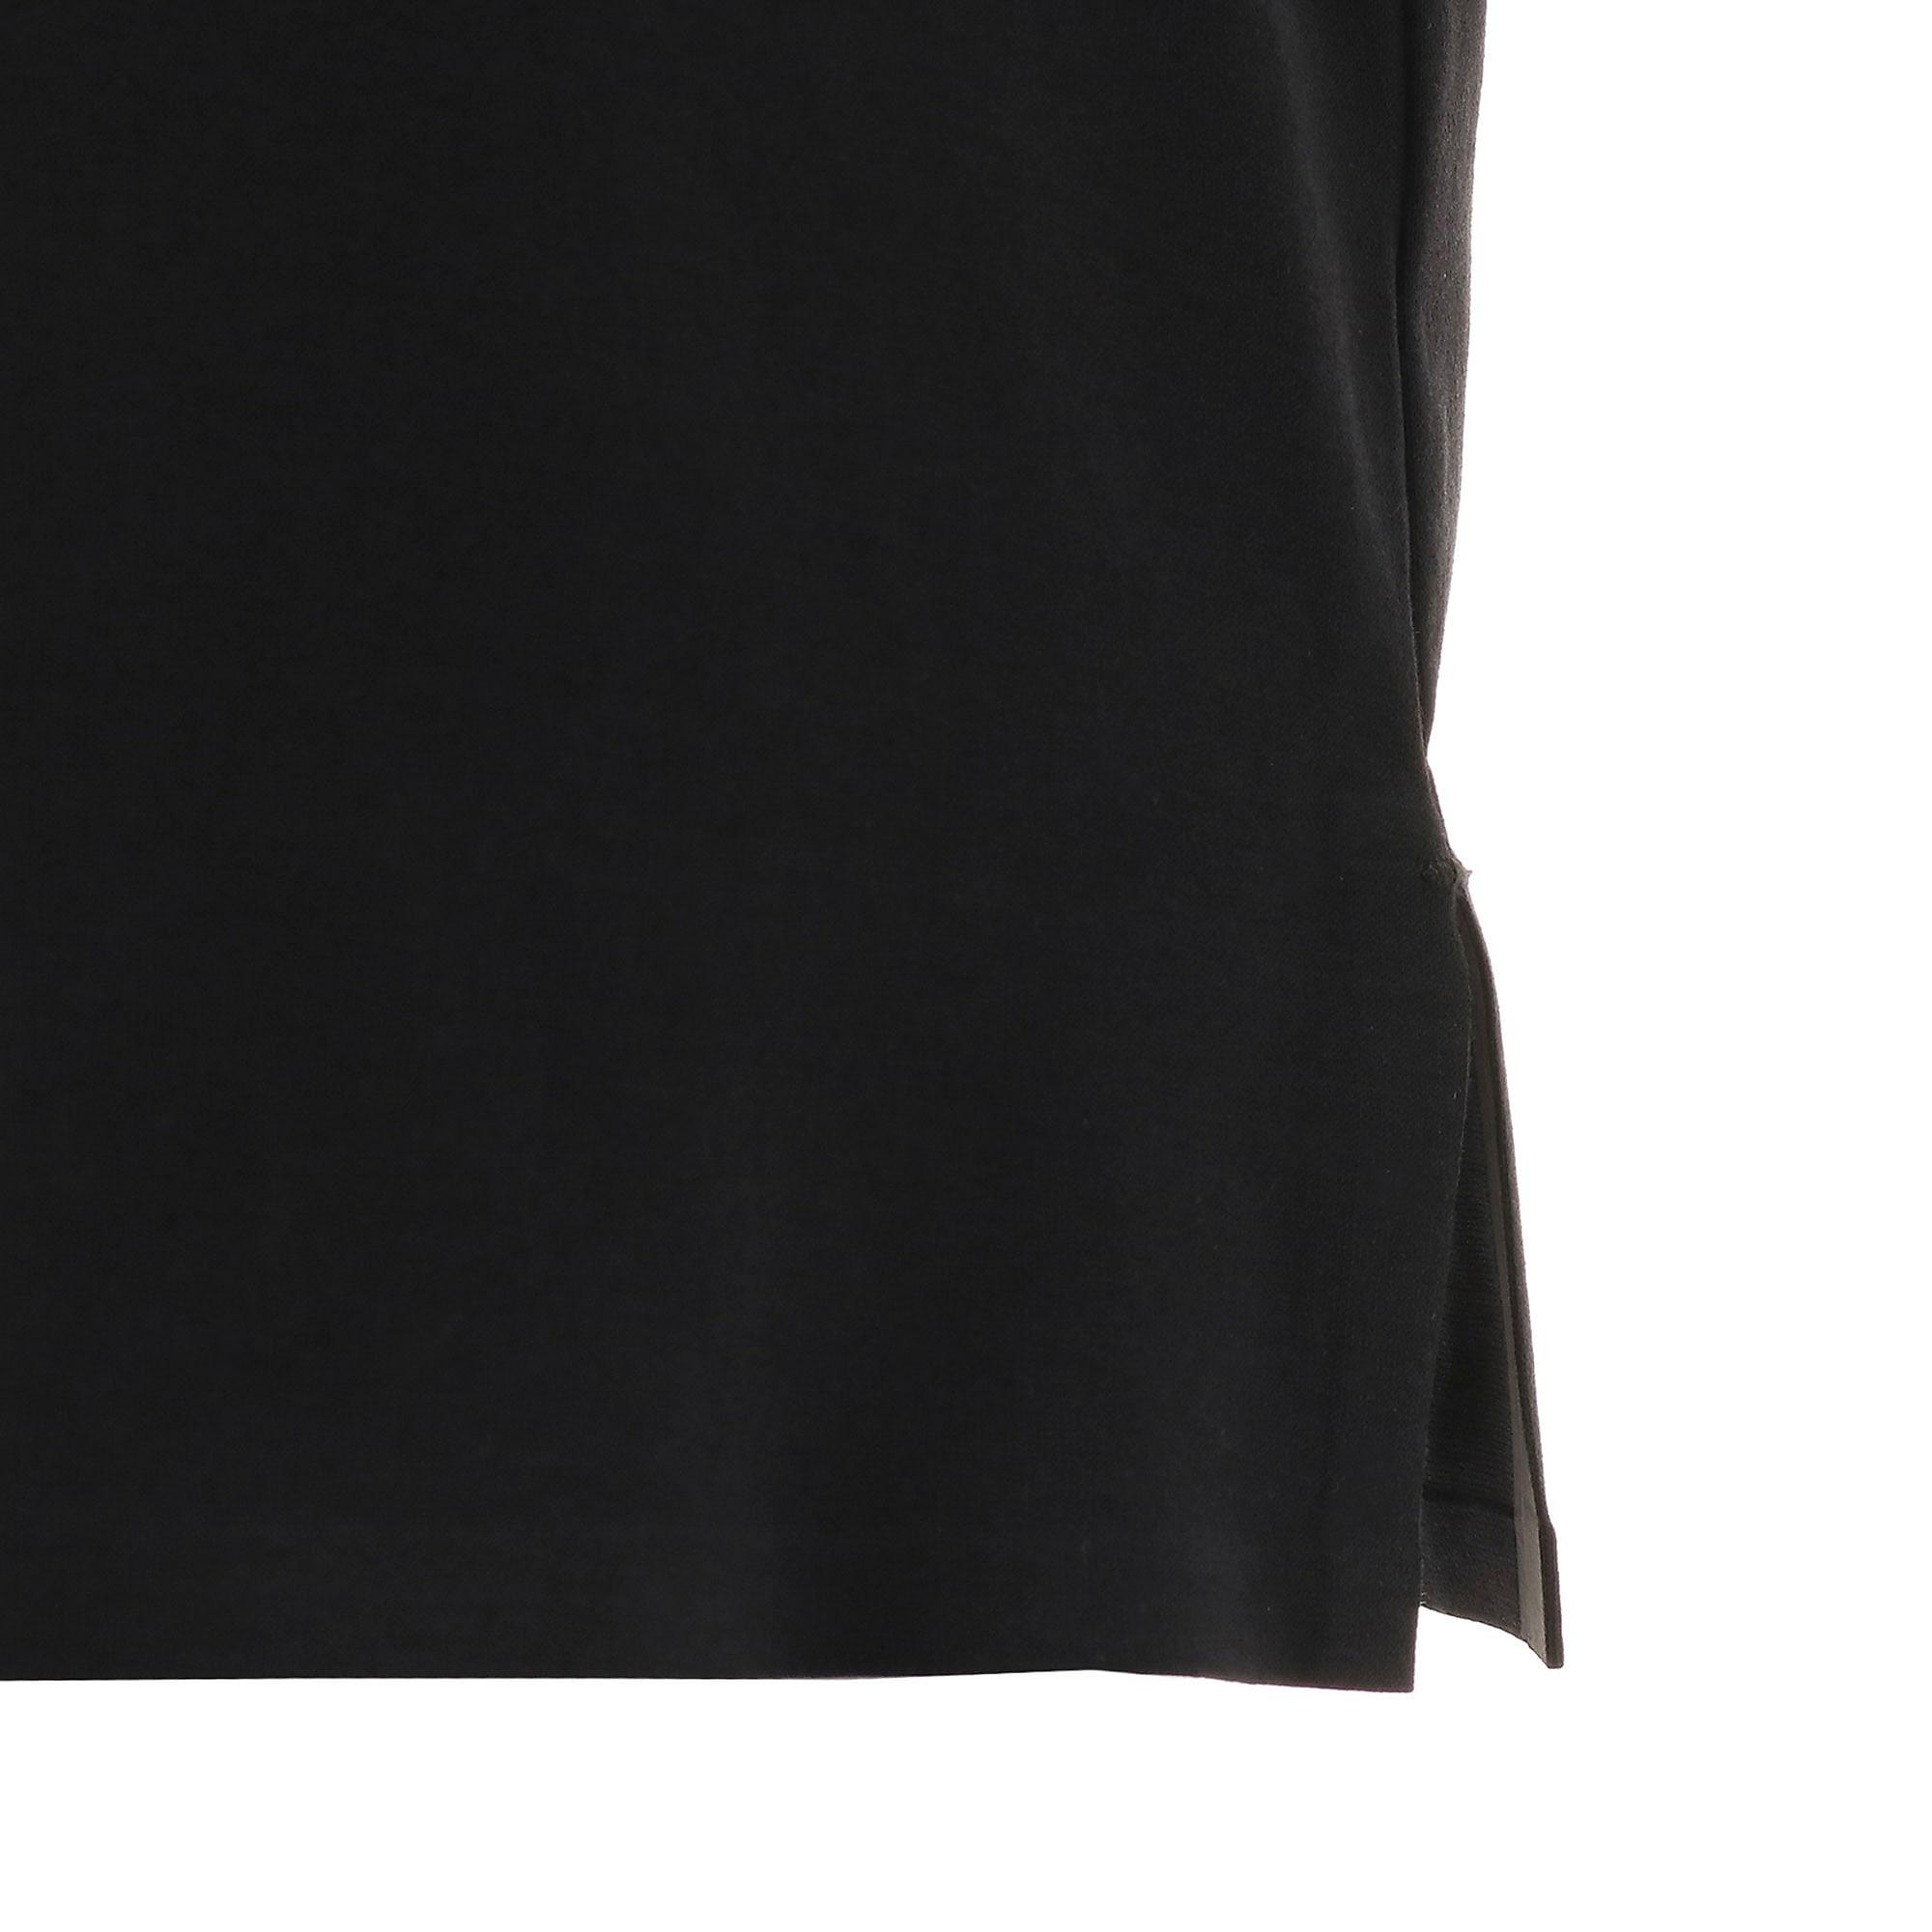 Thumbnail 6 of PORSCHE DESIGN  ライフ Tシャツ, Jet Black, medium-JPN